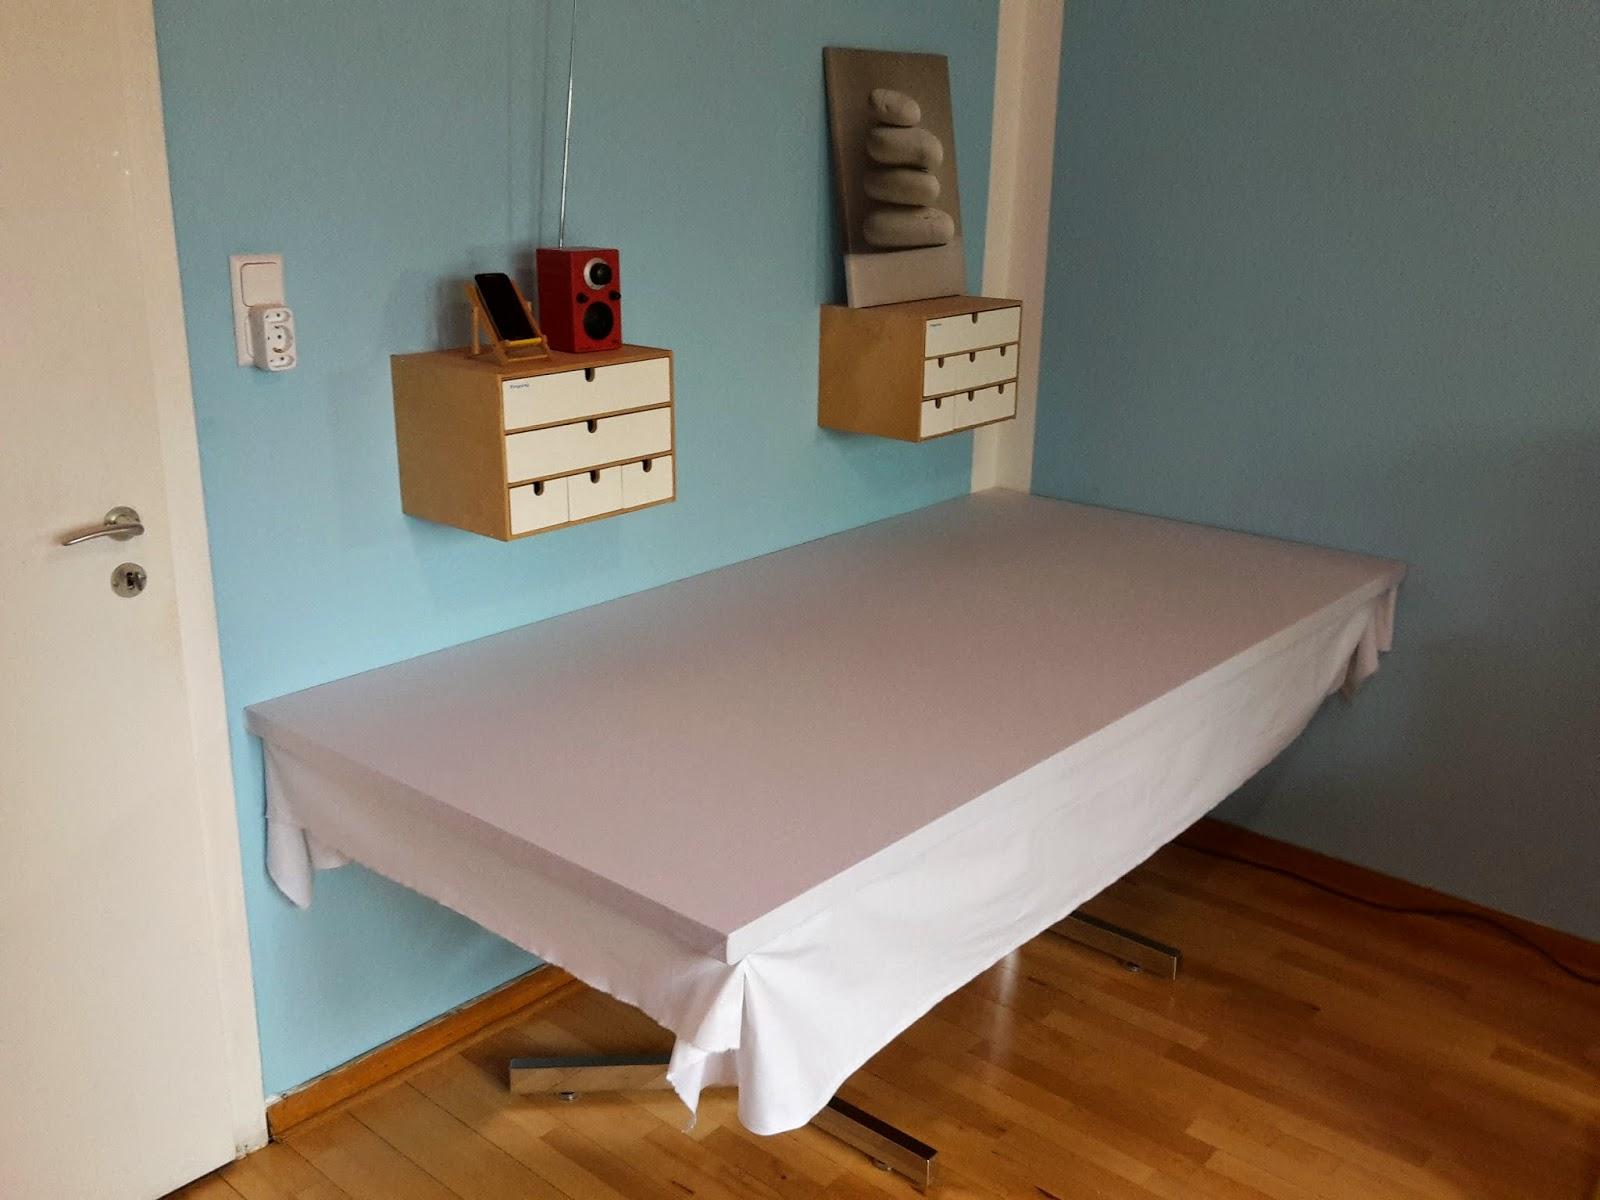 Bild des Schreibtischs mit einer weißen Stoffbespannung über der Arbeitsplatte